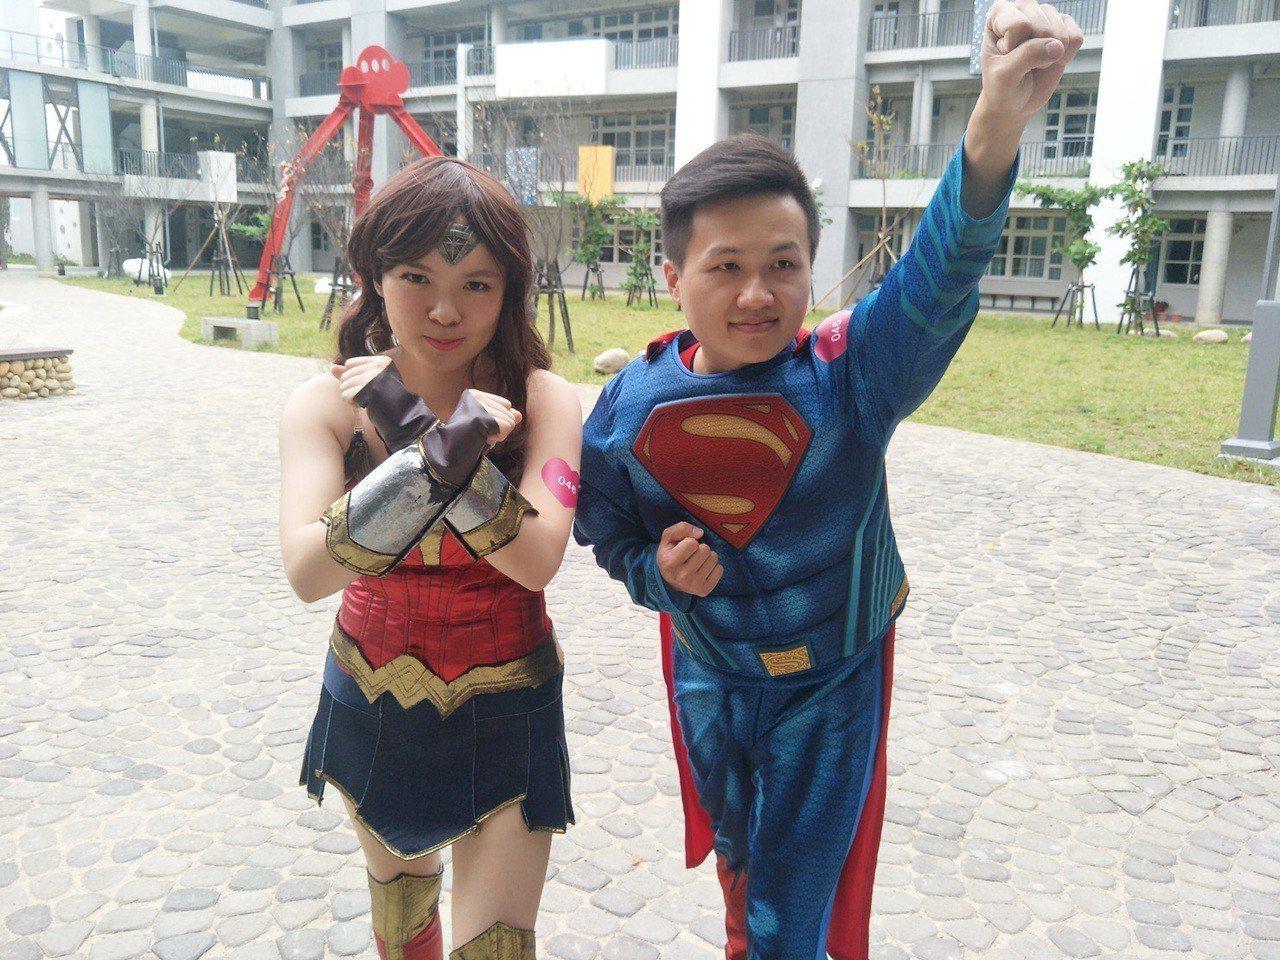 桃園市新人莊凱任(右)、林思穎(左)喜愛漫畫英雄,穿著超人、神力女超人裝參加桃園...